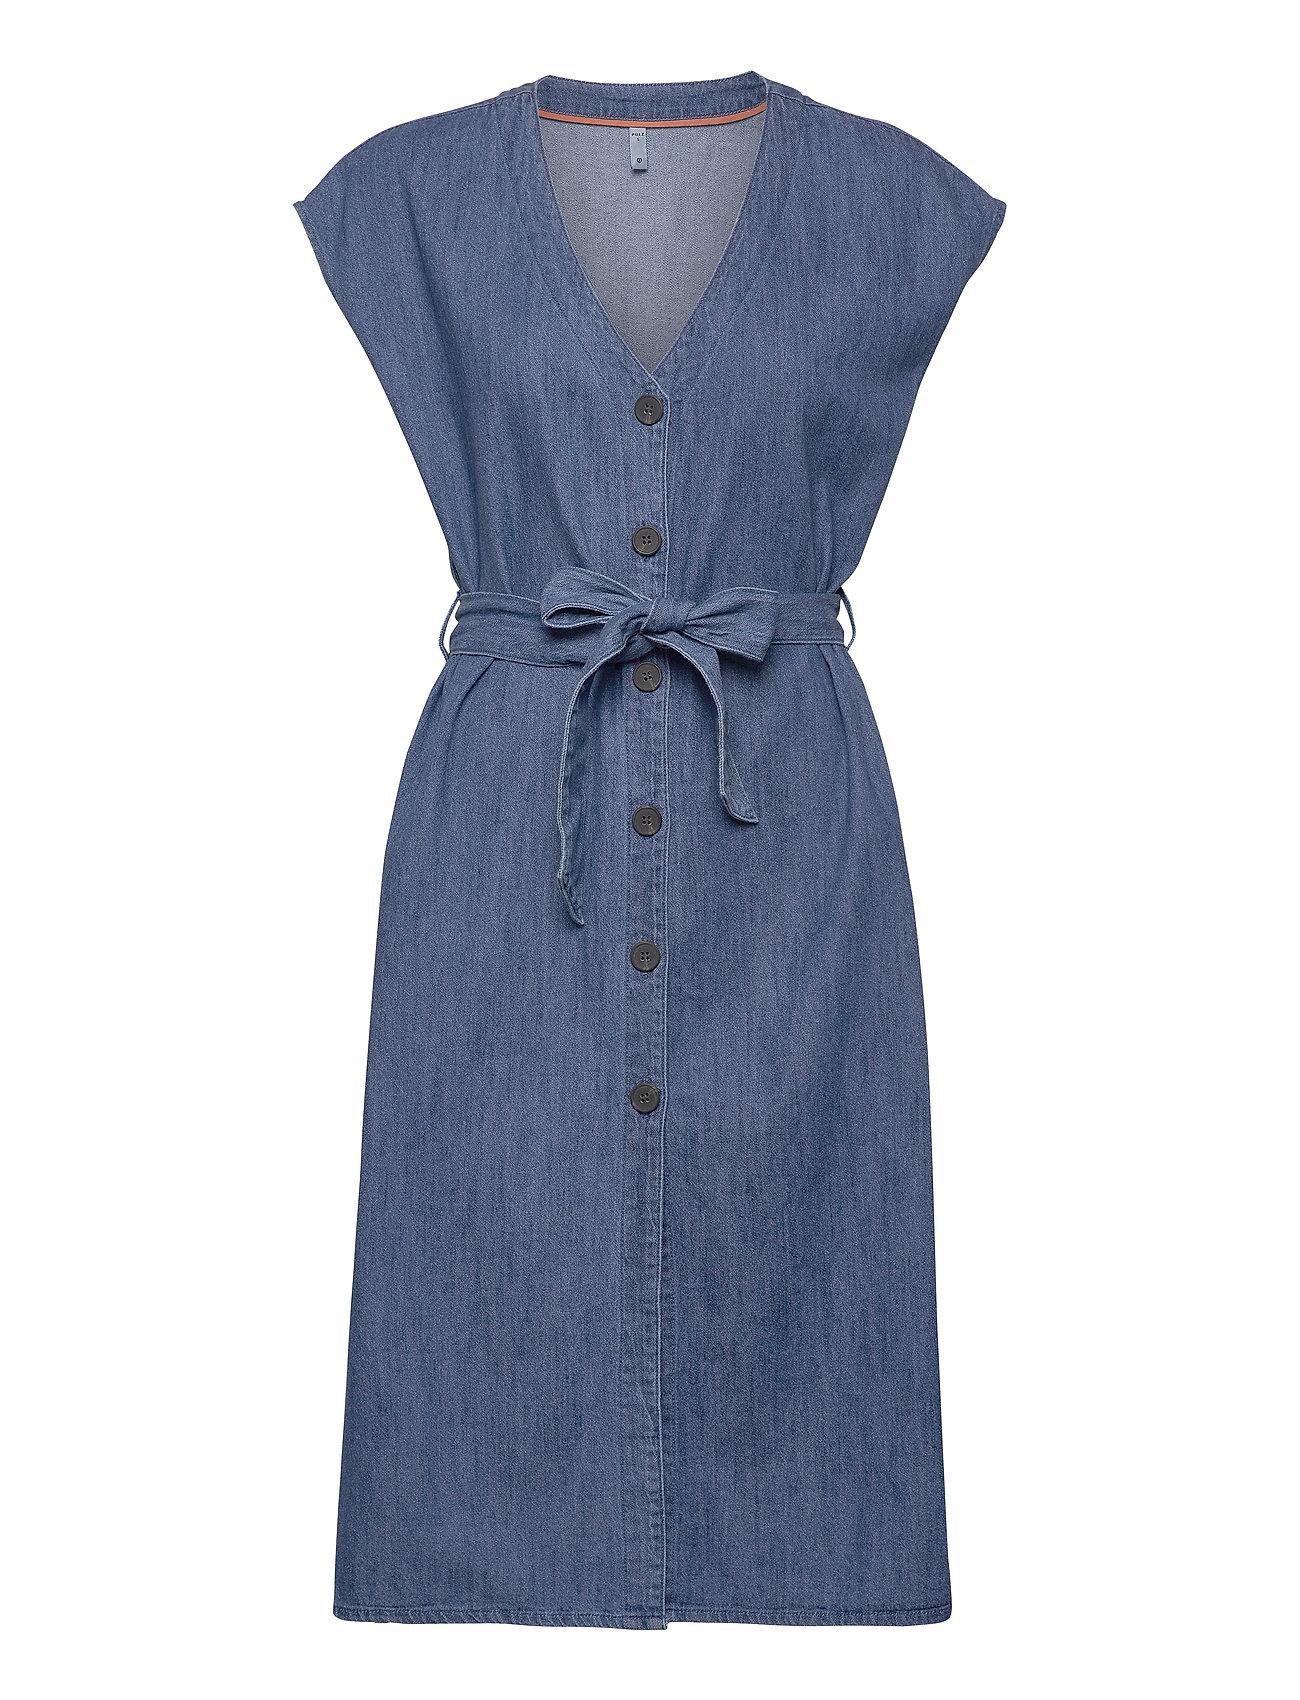 Image of Pztinka Dress Knælang Kjole Blå Pulz Jeans (3413355767)